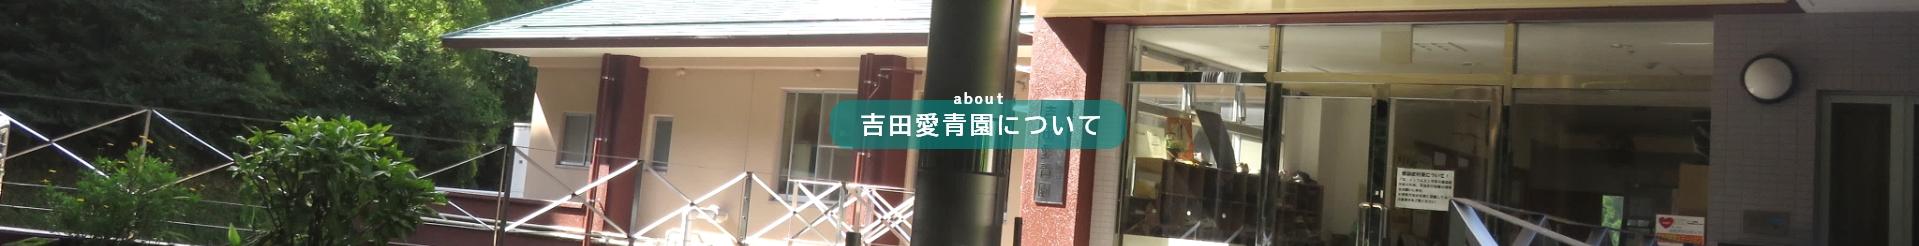 吉田愛青園について